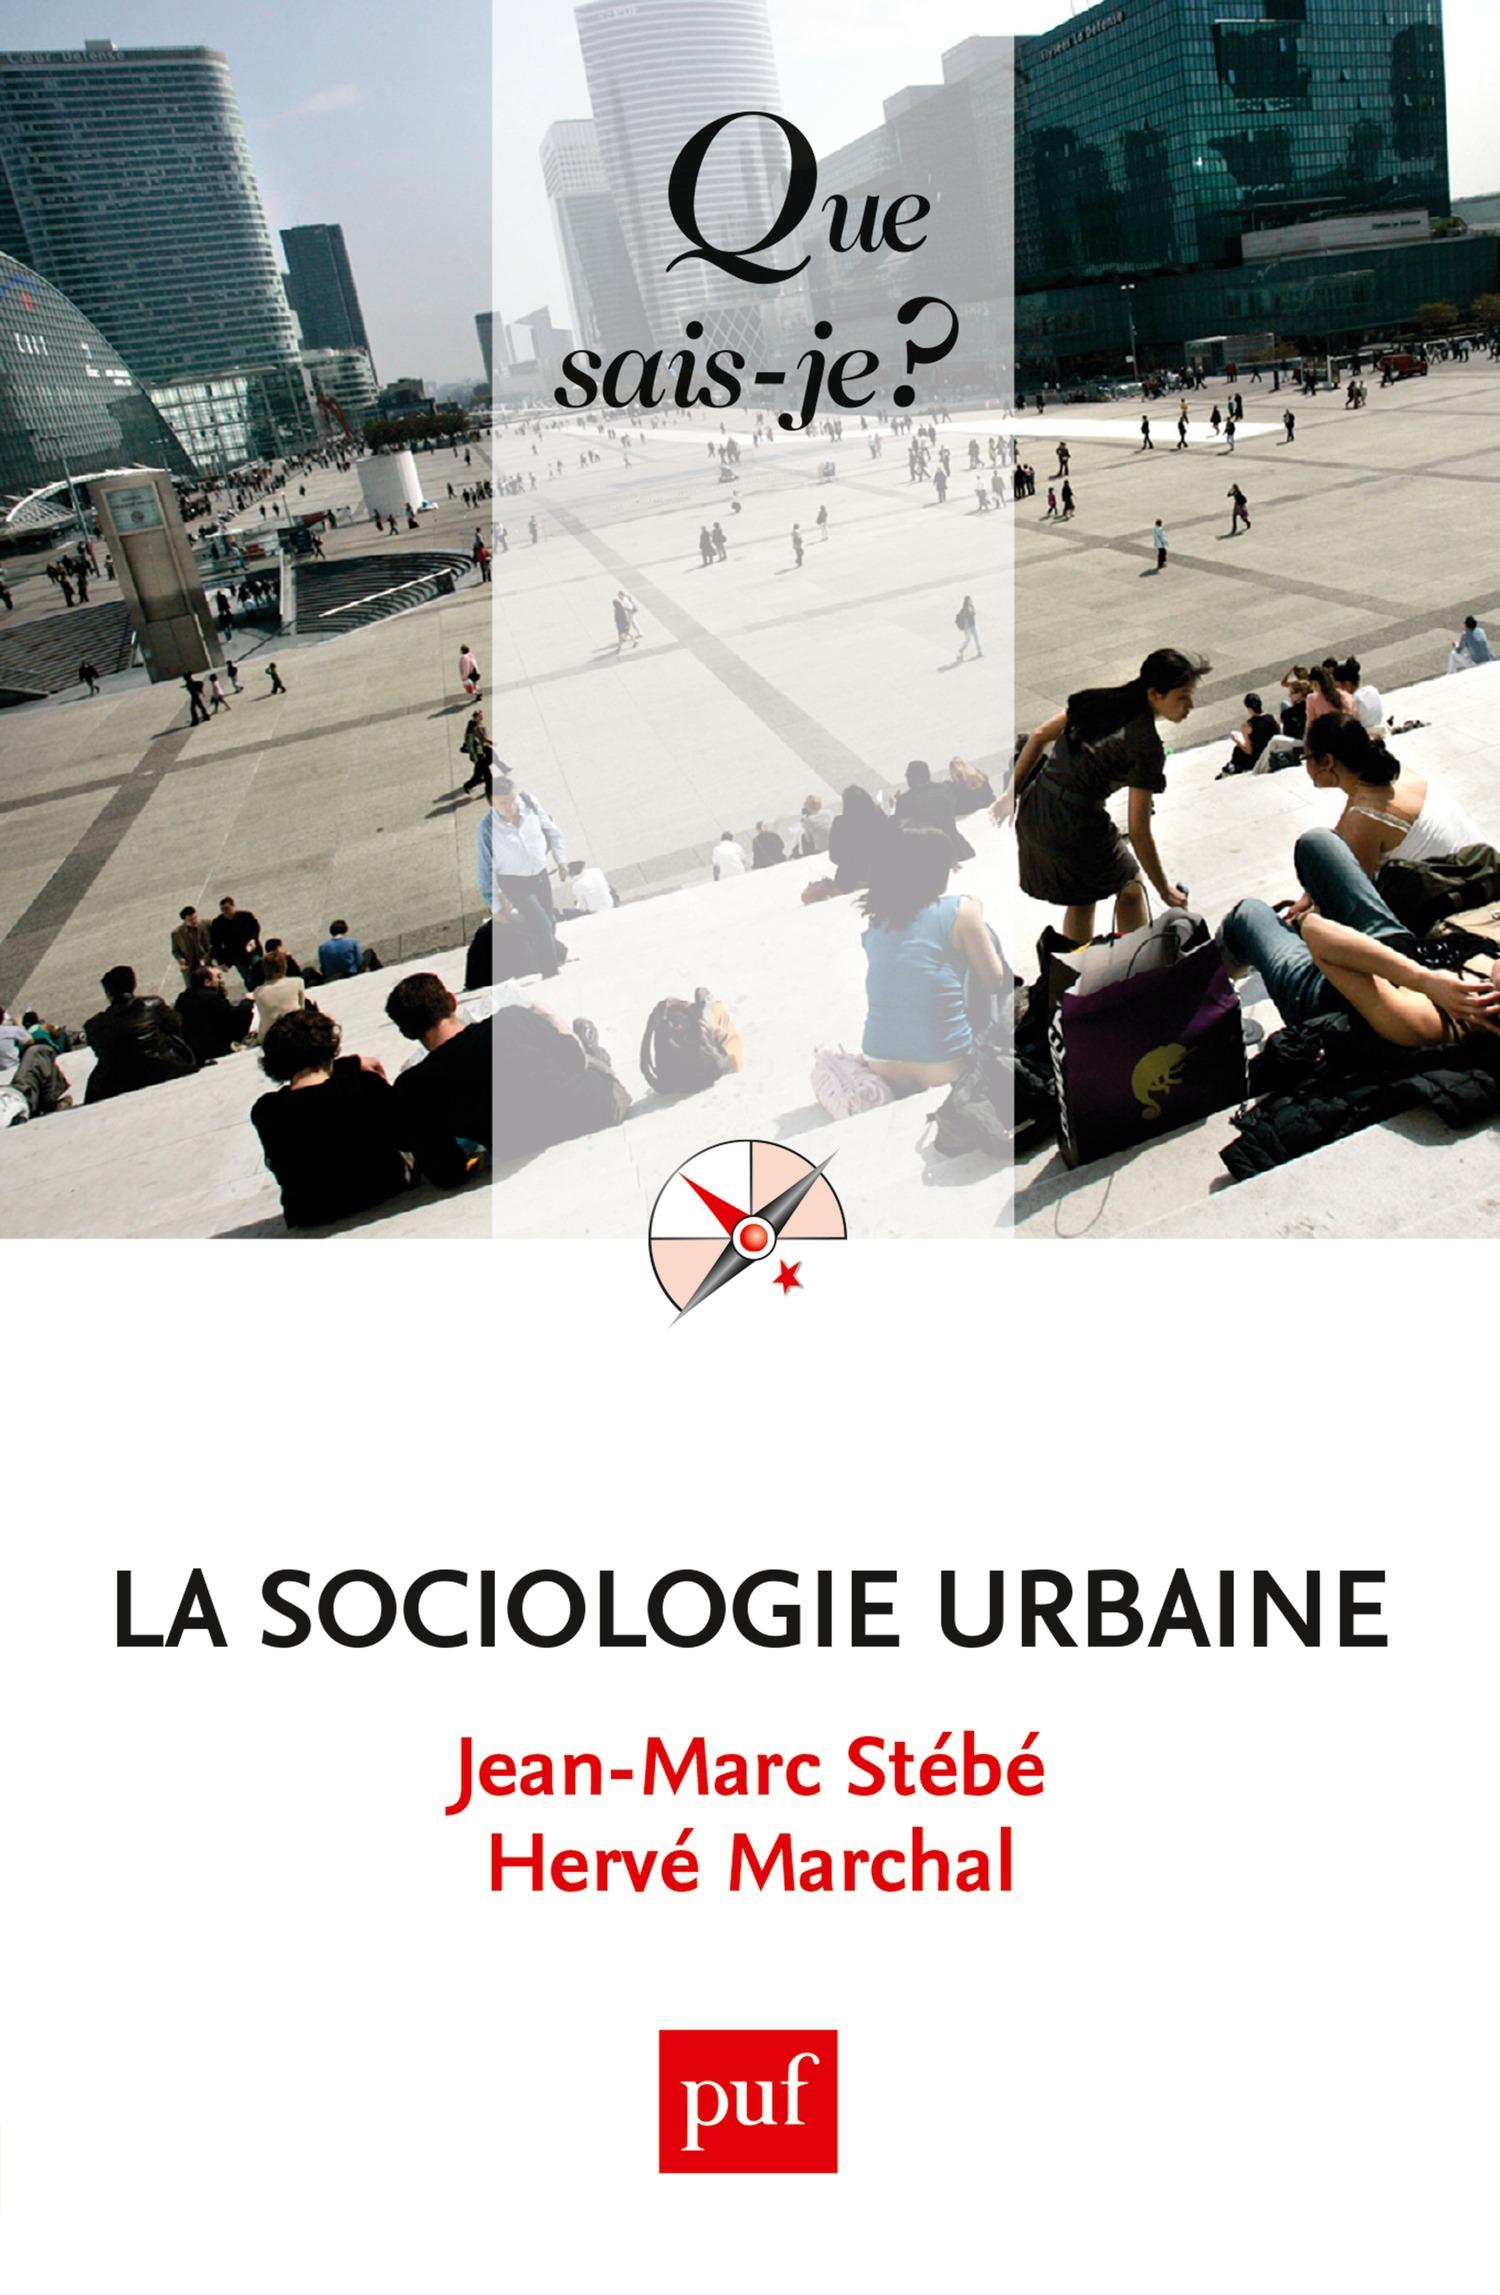 Jean-Marc Stébé La sociologie urbaine